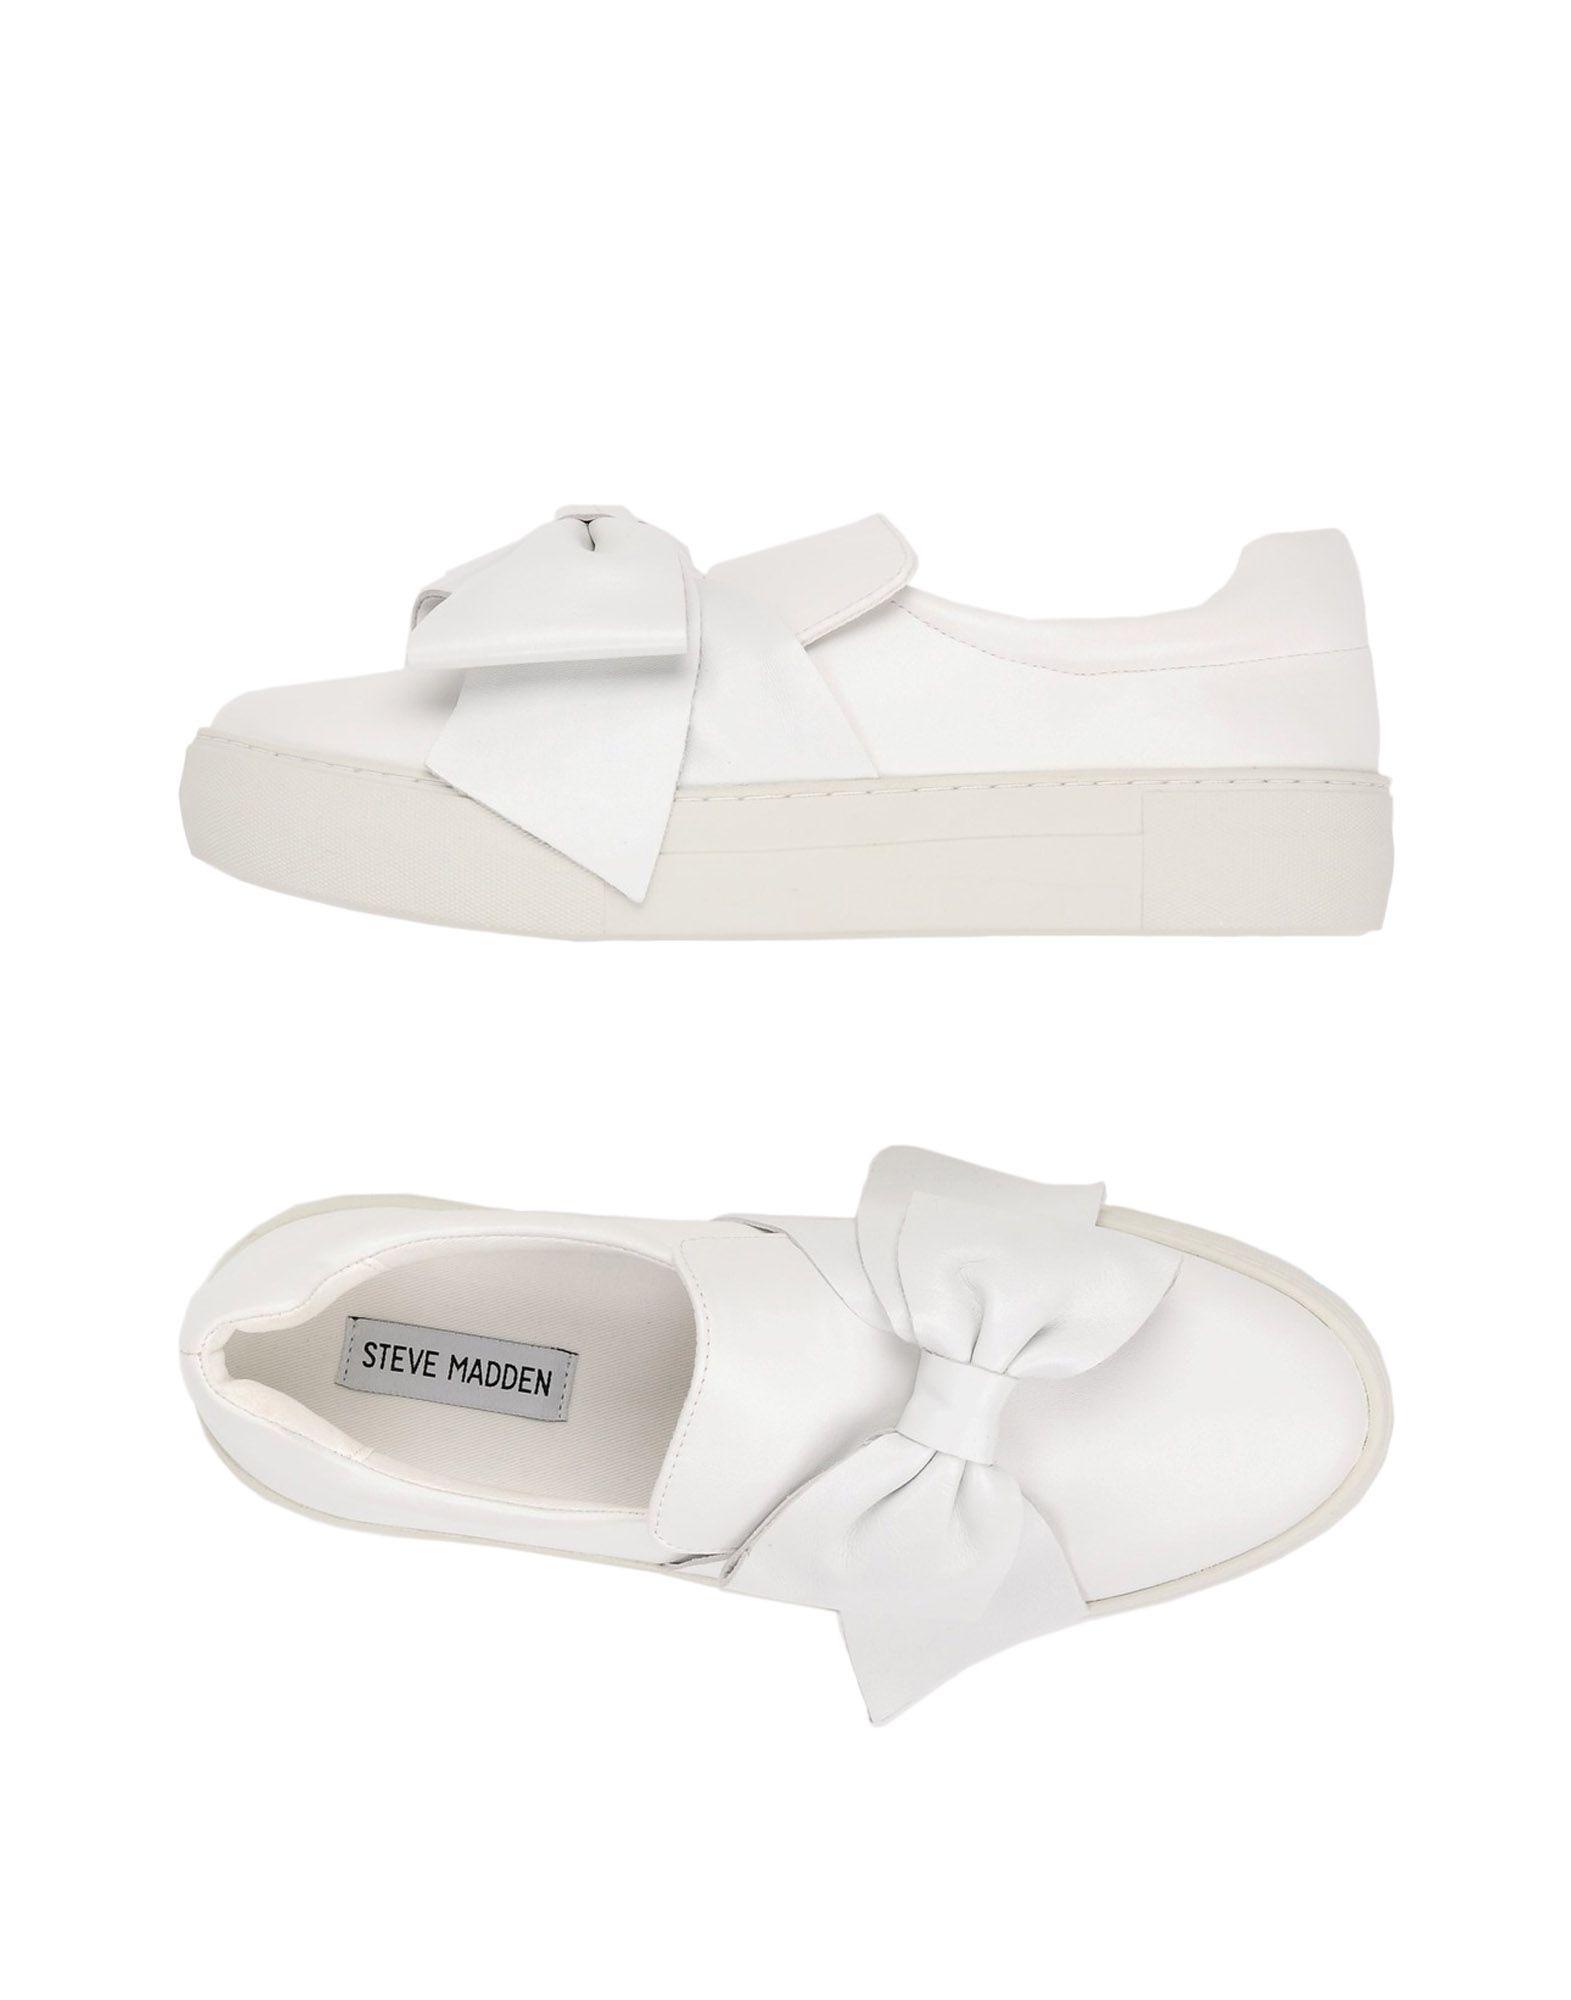 Sneakers Steve Madden Empire Slip On Sneaker - Donna - 11436247BS